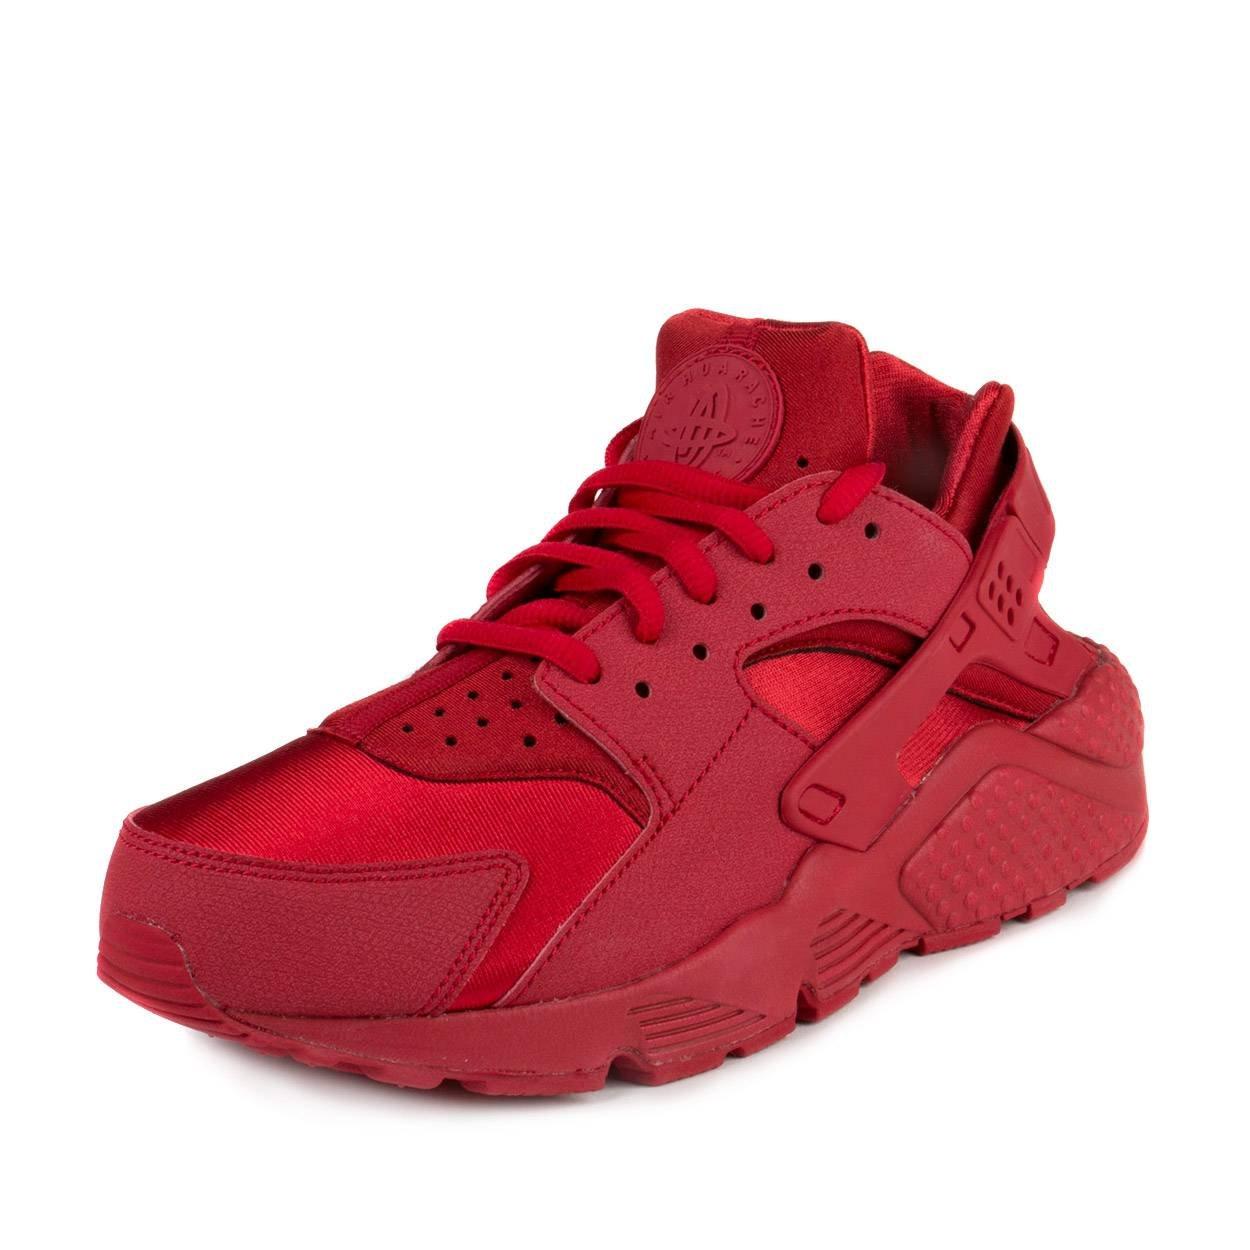 super popular 0cd23 dcde6 Galleon - Nike WMNS Air Huarache Run - 634835 601